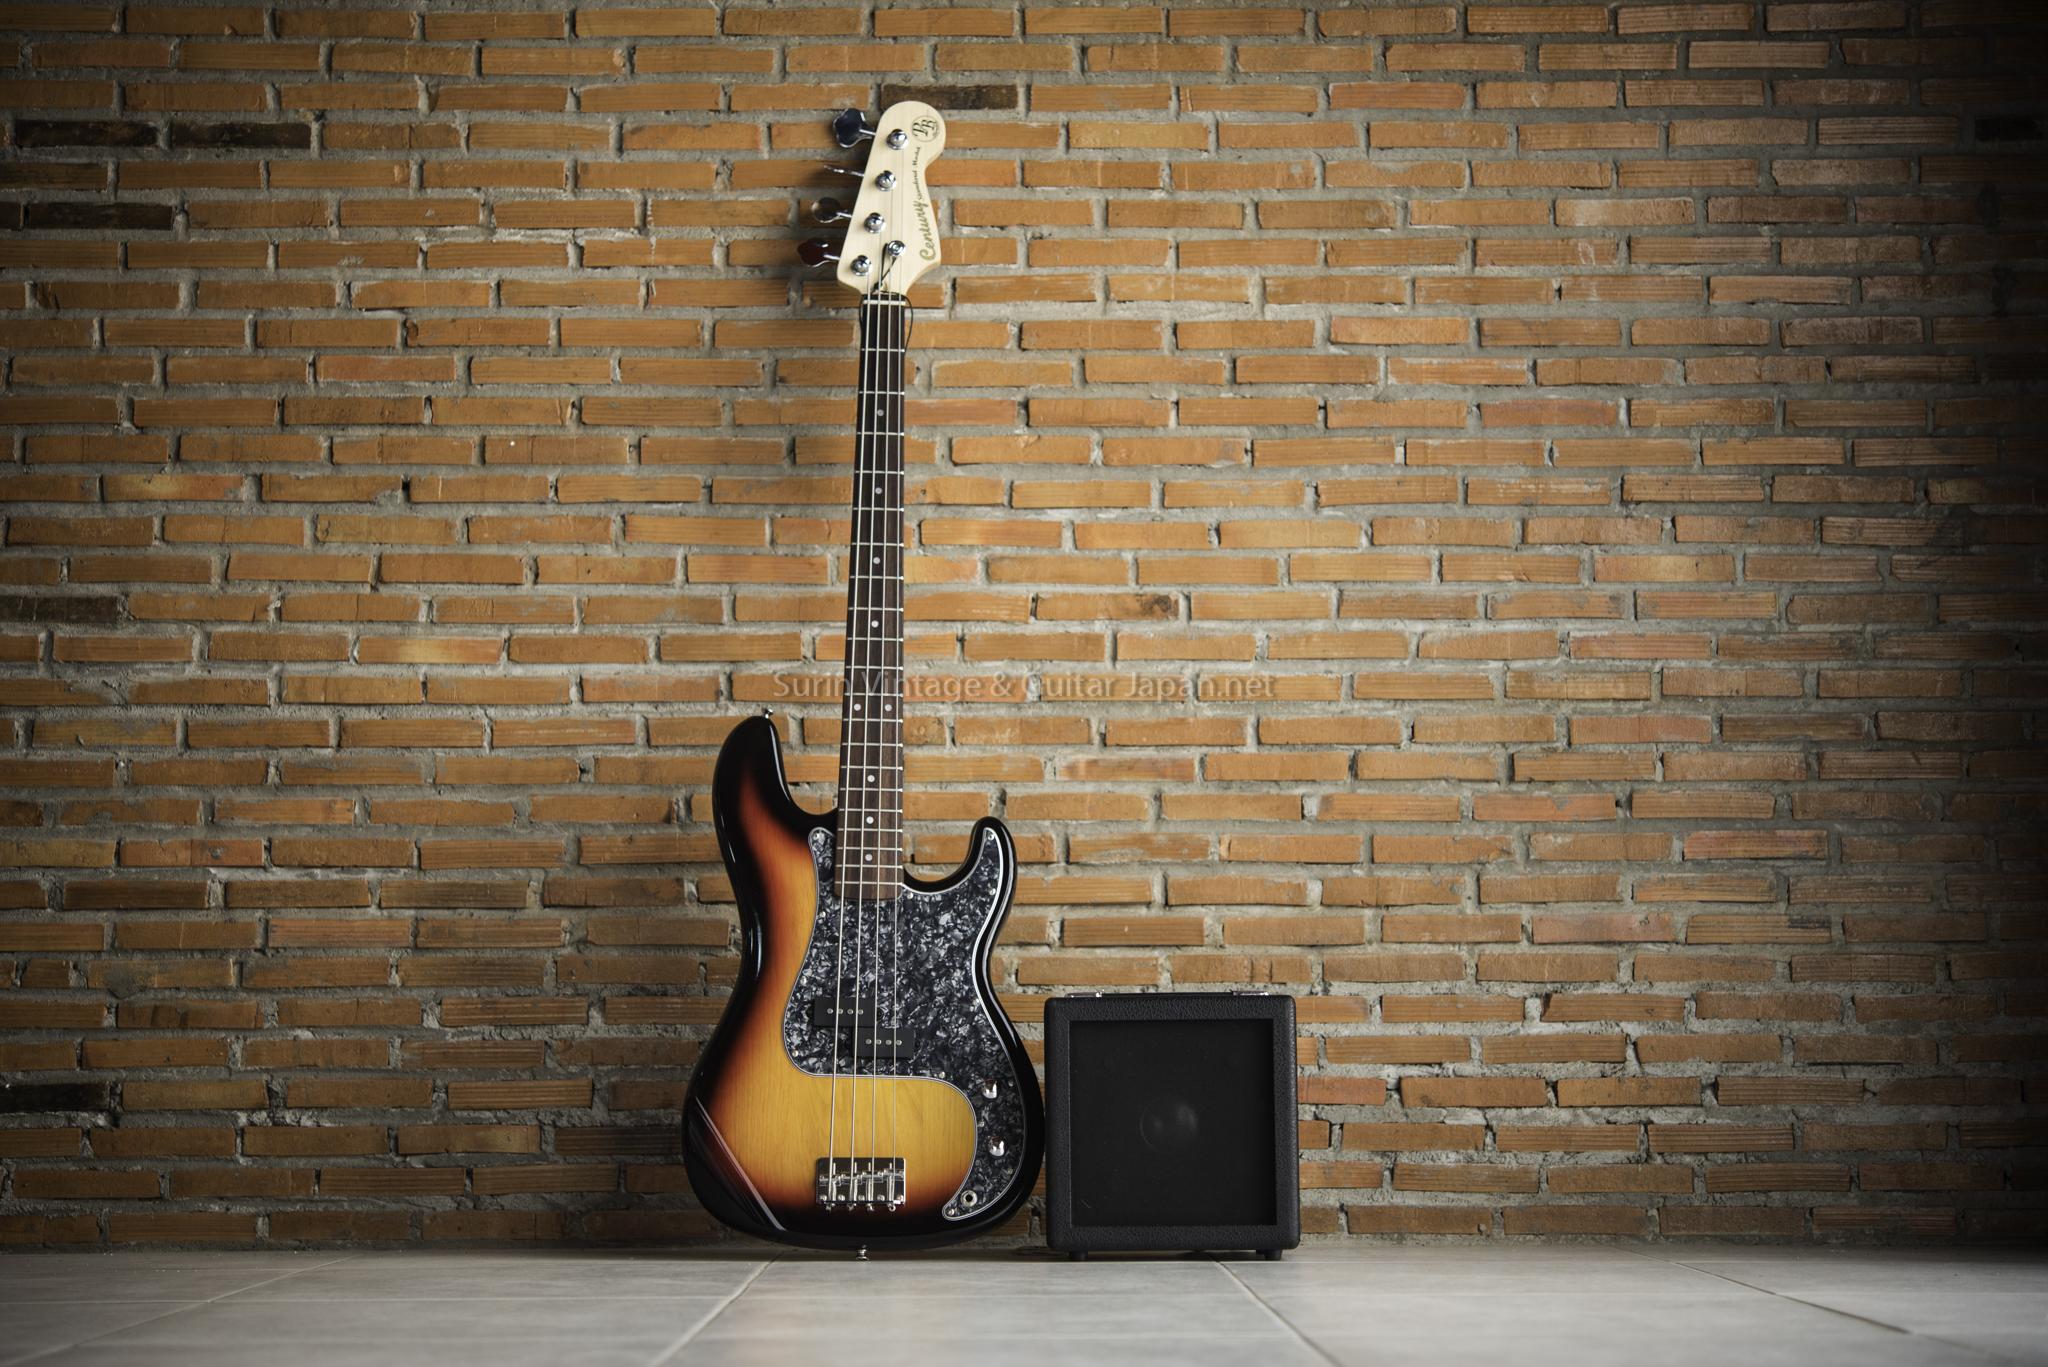 แอมป์เบสไฟฟ้ามือสอง Advance BX-1 No.1 Bass Amp